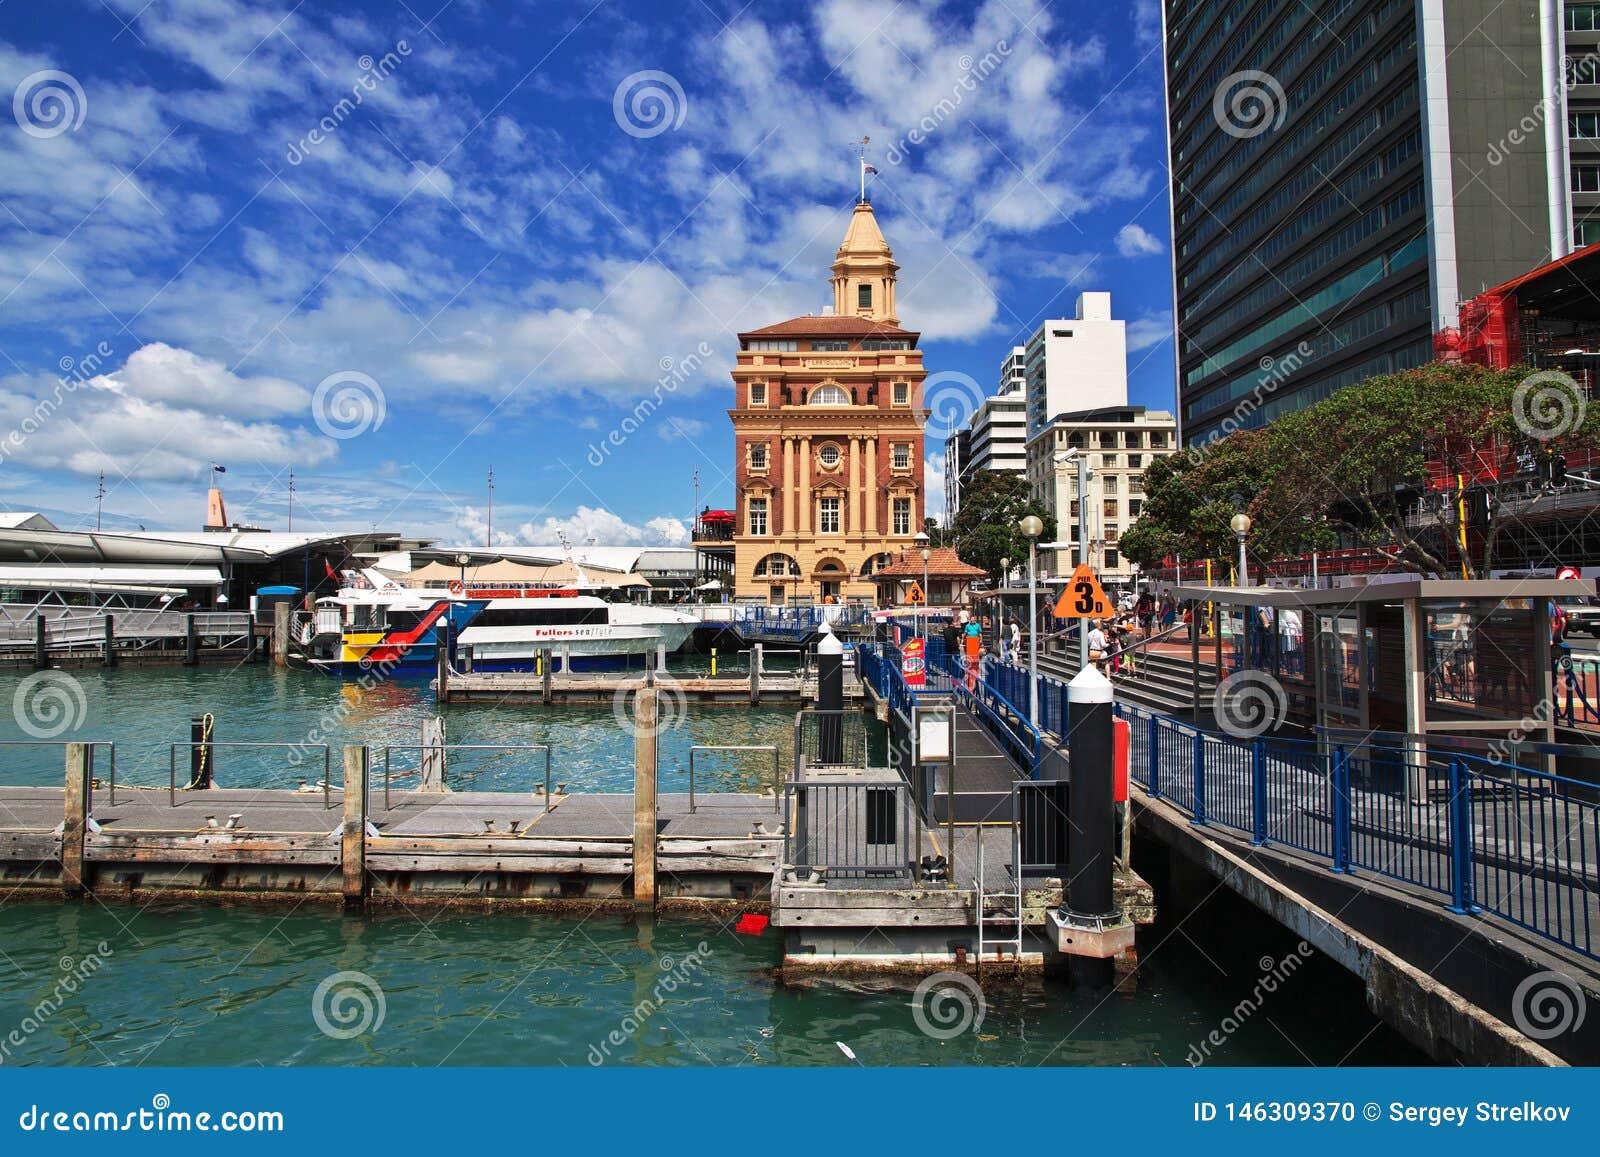 Beautiful New Zealand City